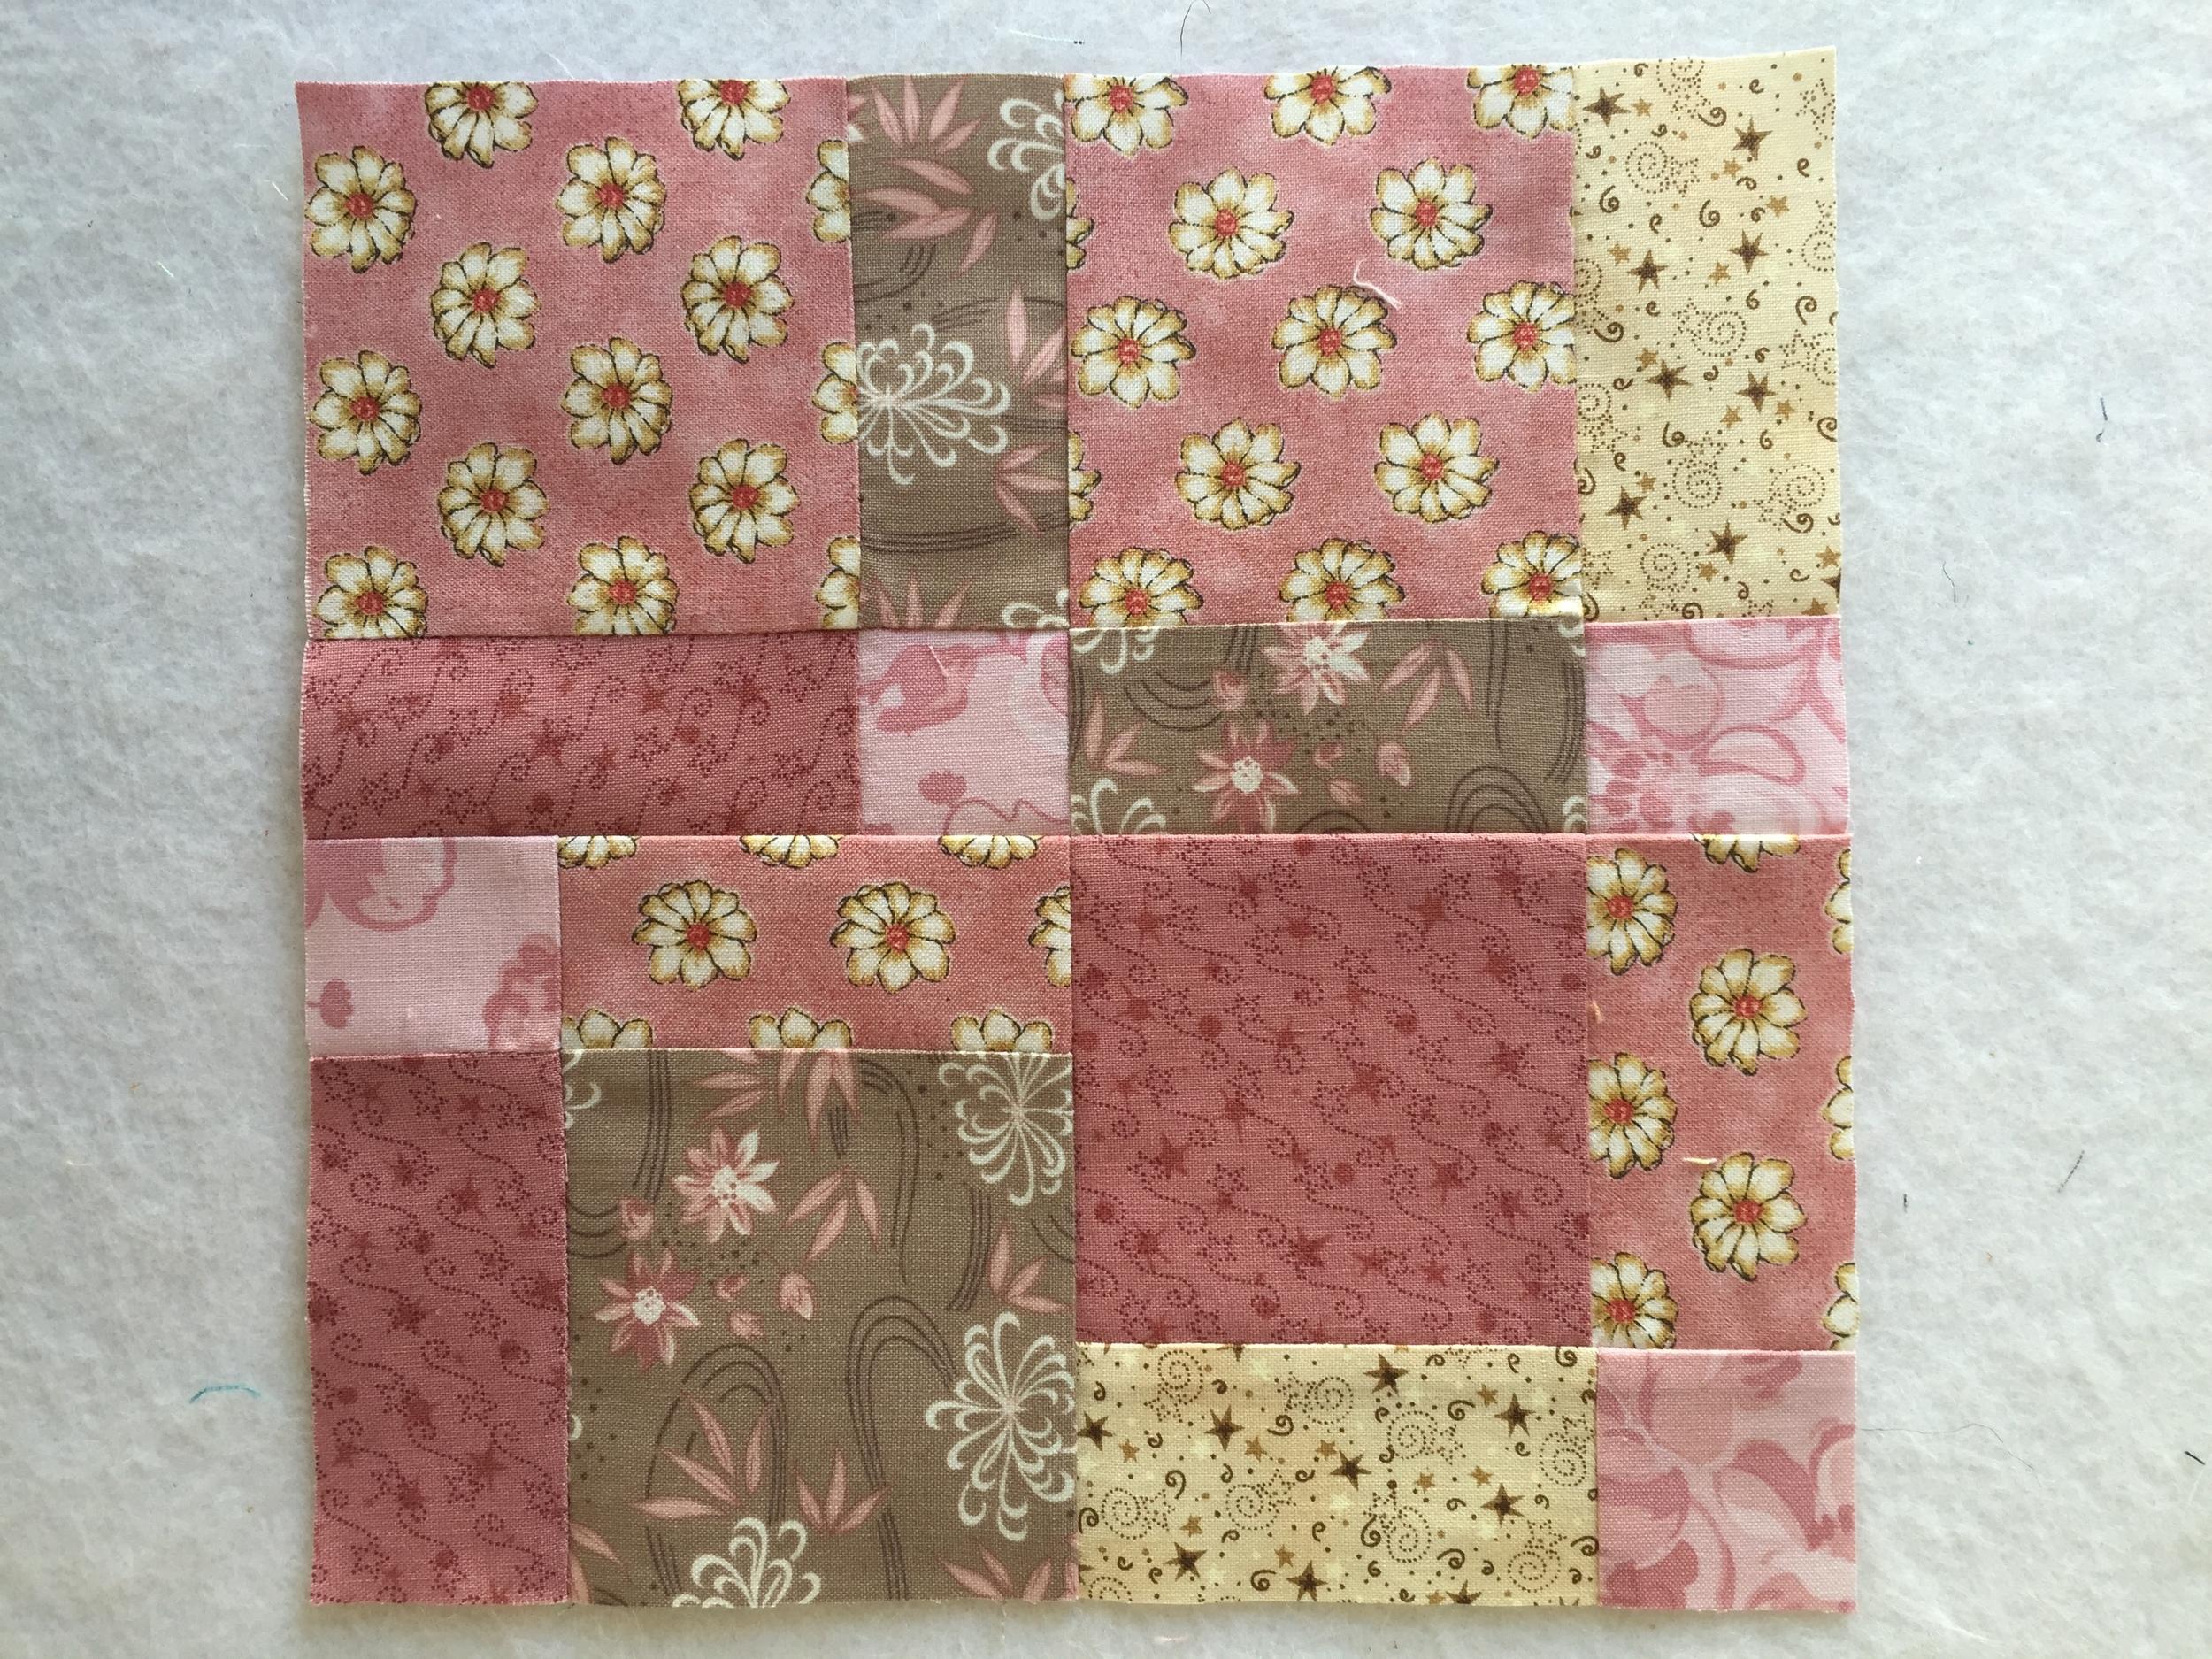 Al girar los cuatro cuadros obtenemos un nuevo diseño en donde ya no quedan rastros del Nine Patch original y los distintos tamaños de las piezas le dan un aspecto más elaborado y por lo mismo muy vistoso a la quilt.